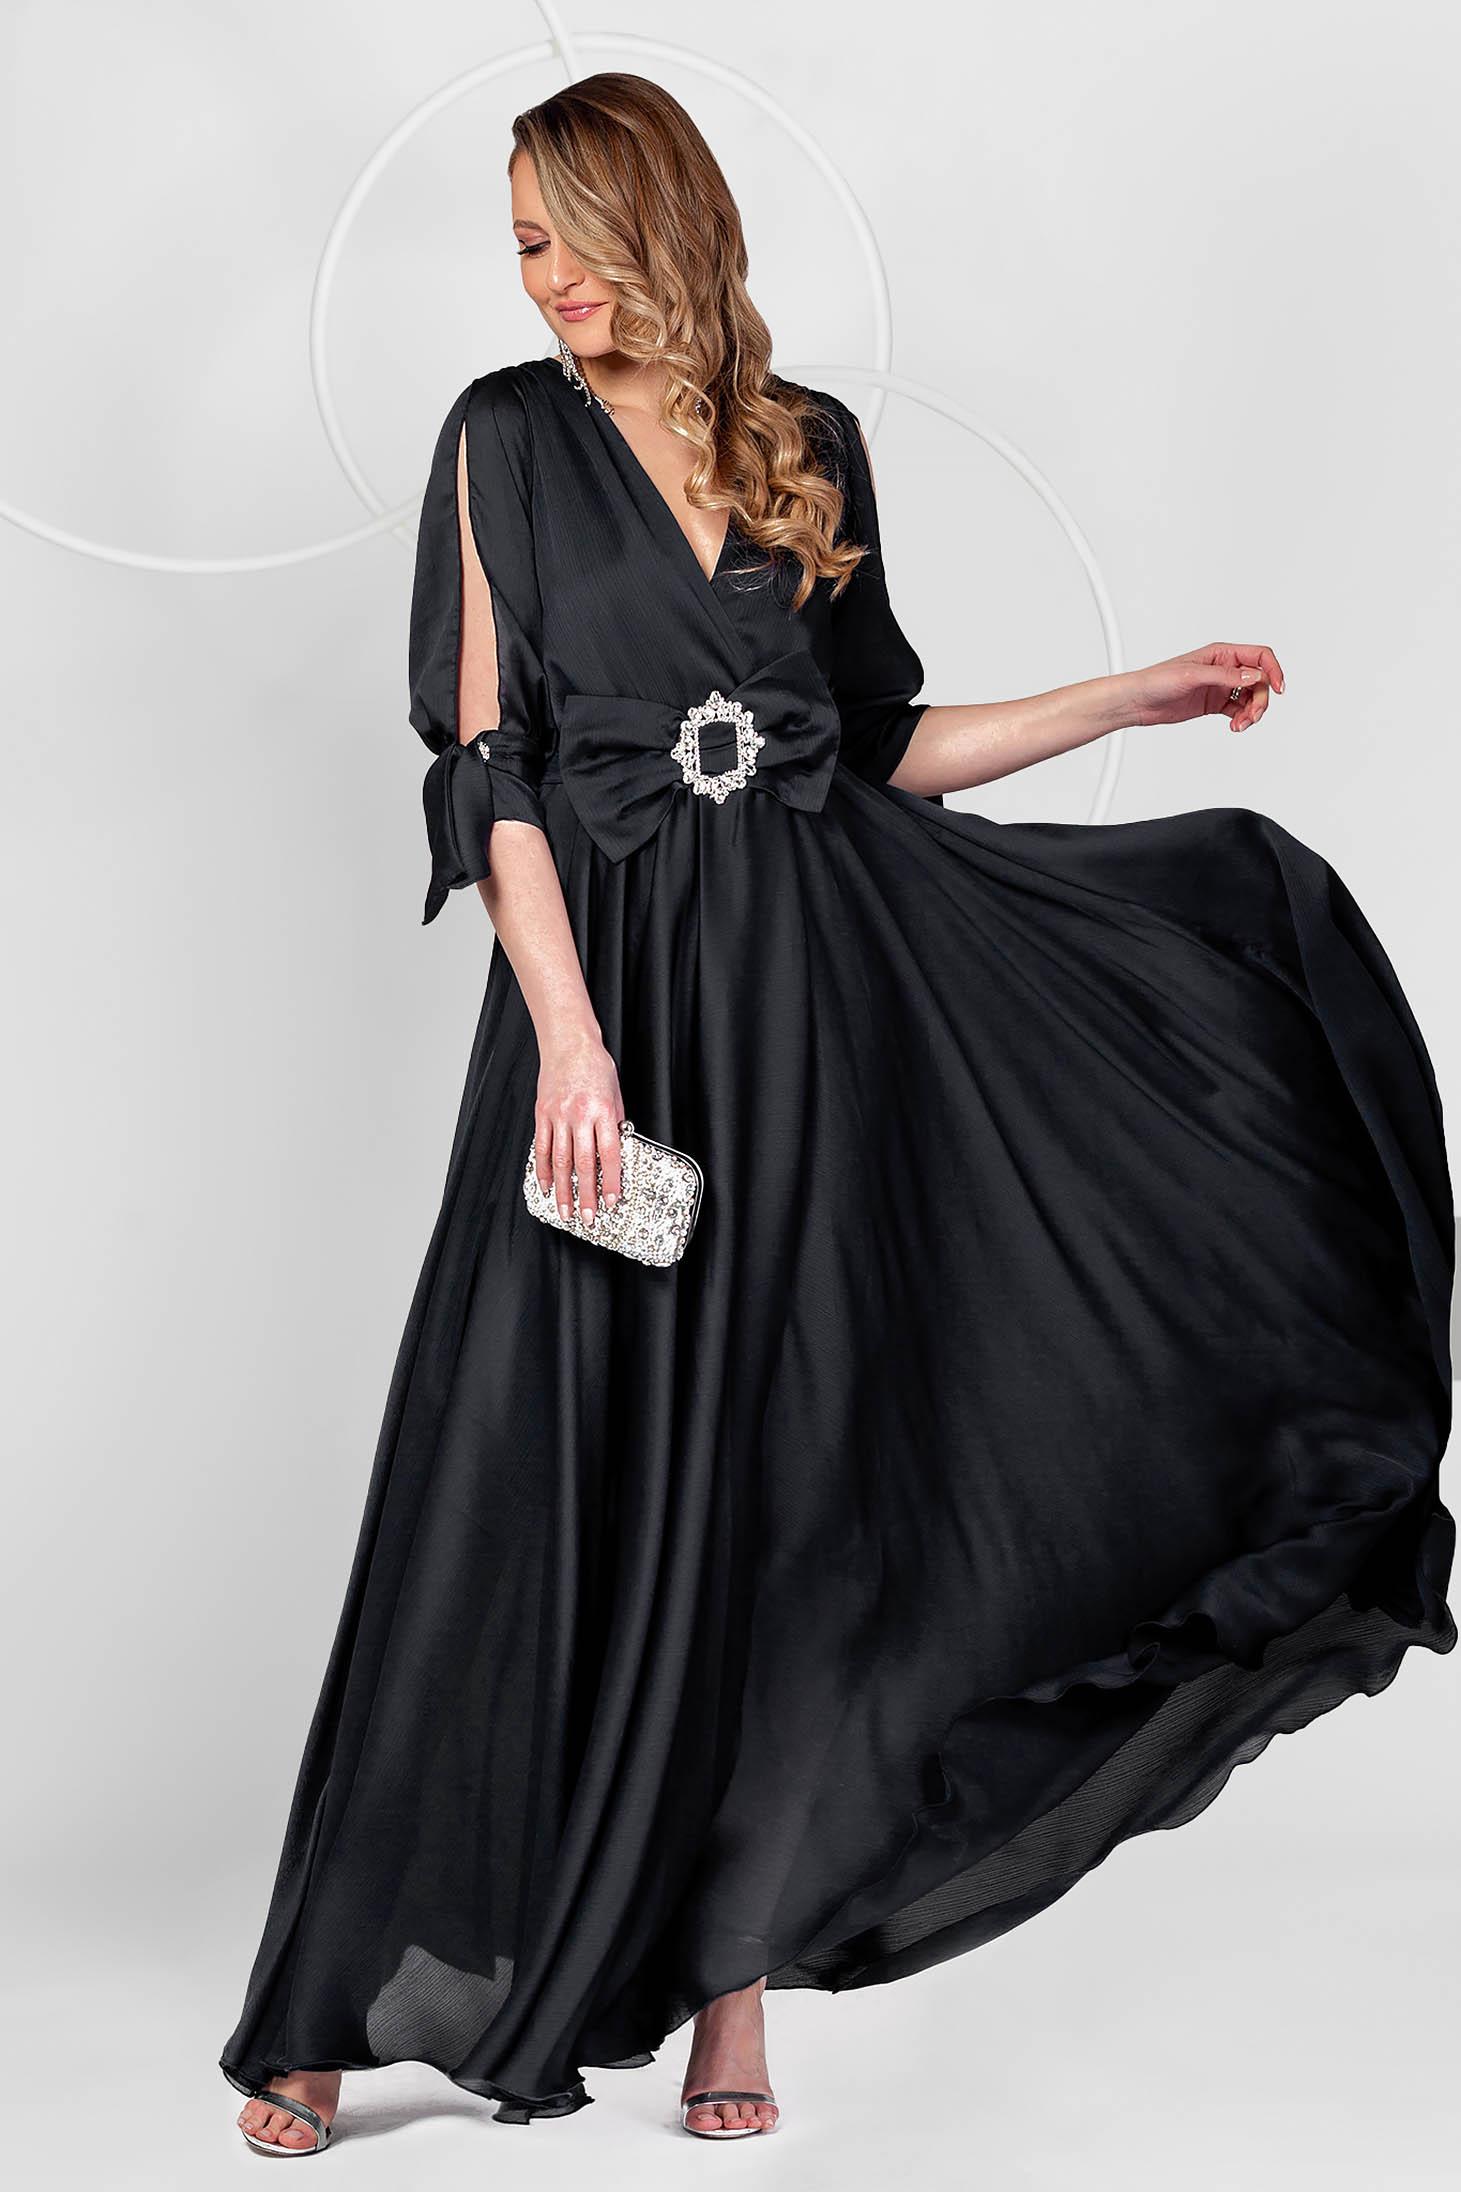 Hosszú fekete alkalmi muszlin ruha harang alakú gumirozott derékrésszel kivágott ujjakkal